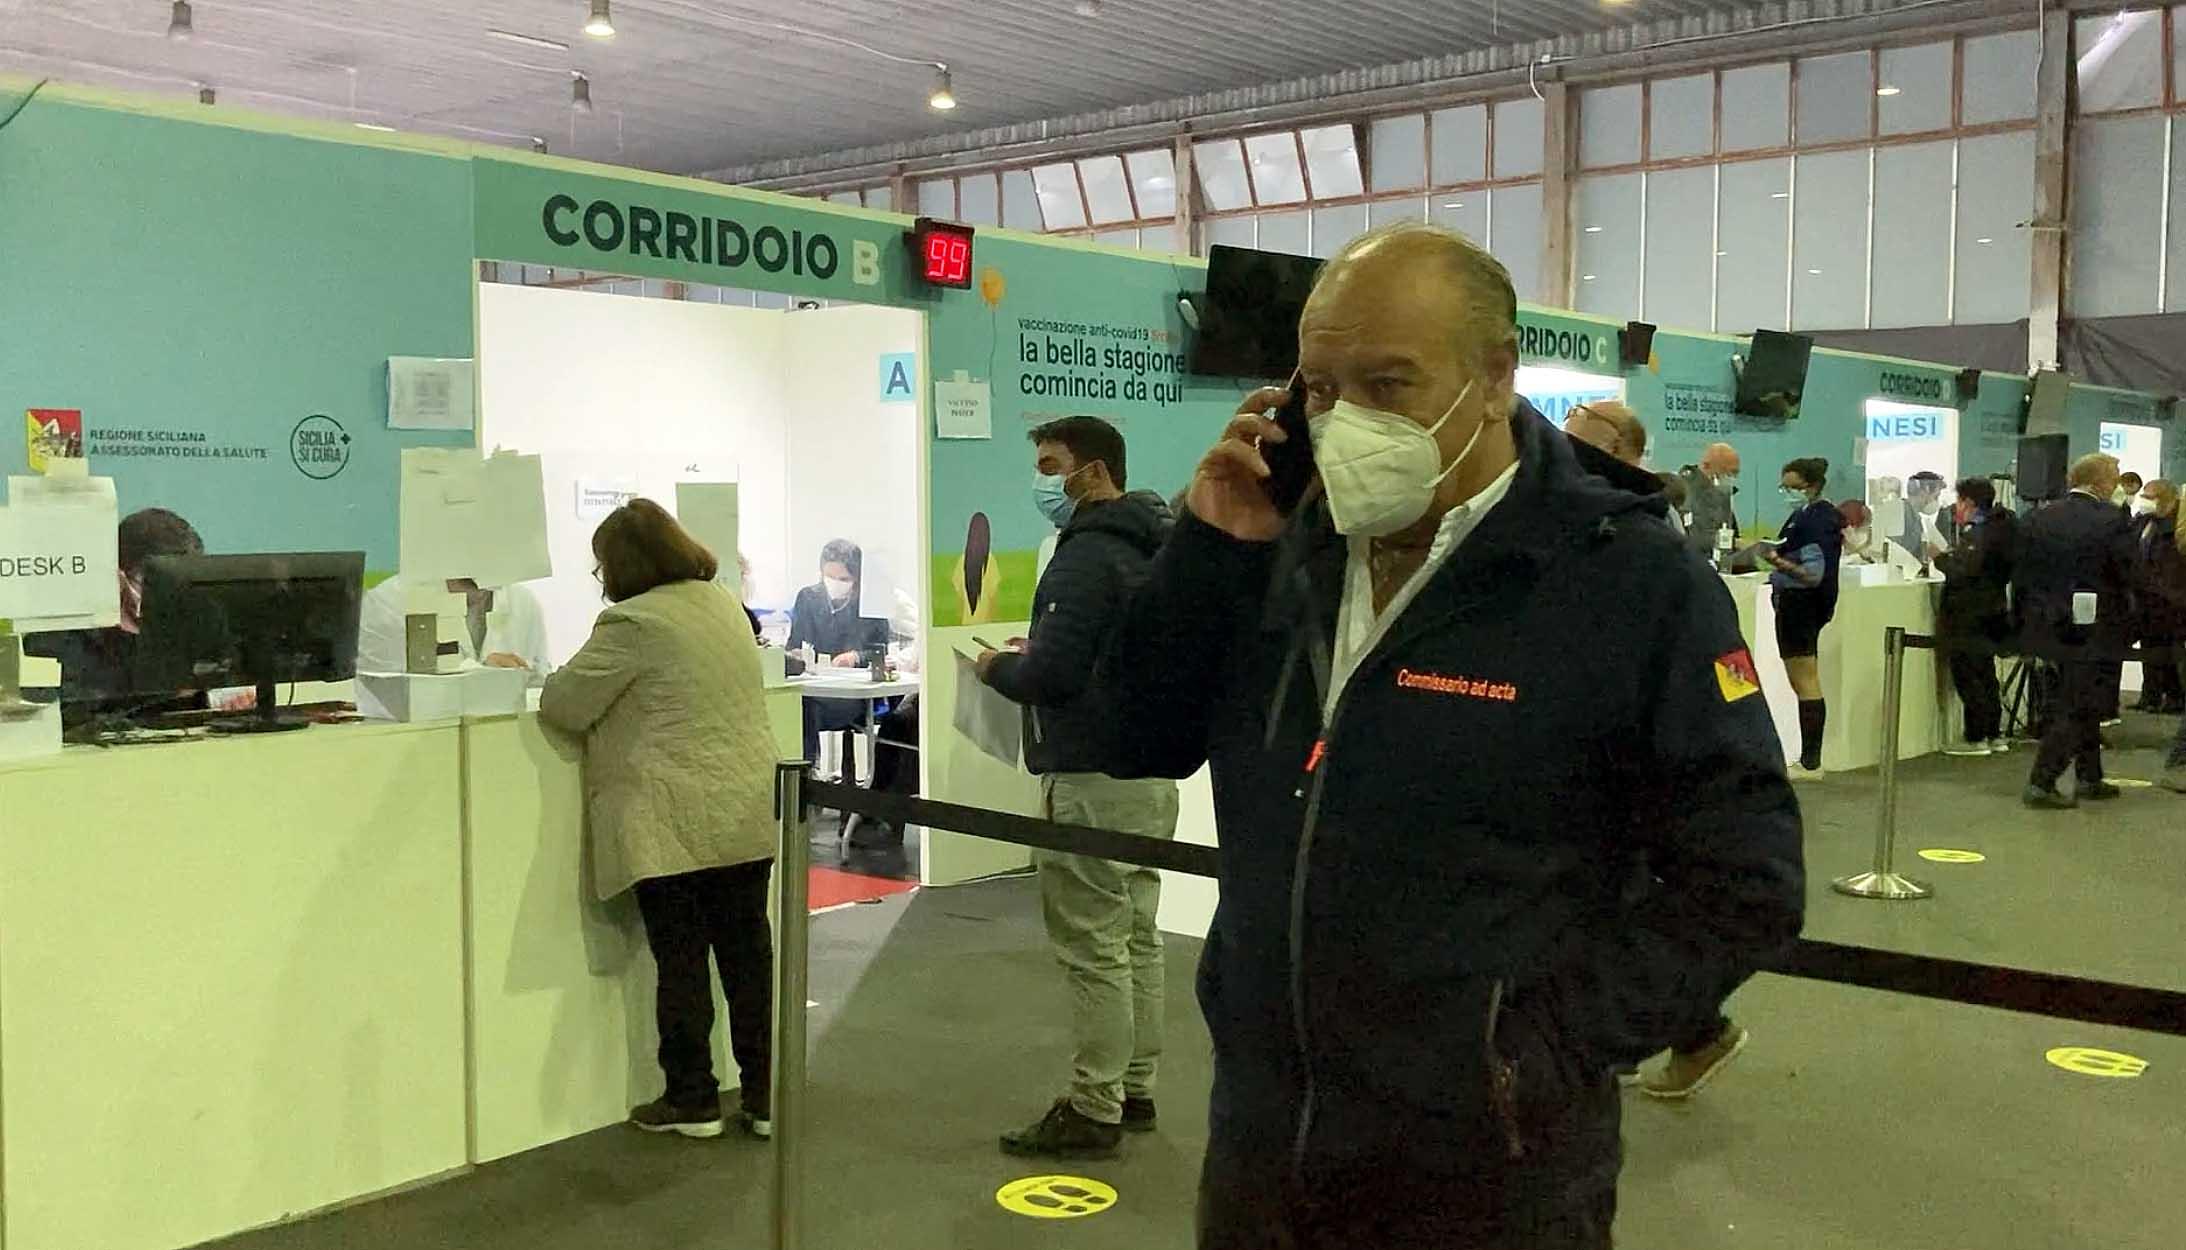 """Coronavirus Palermo, vaccinazioni straordinarie con AstraZeneca. Renato Costa: """"Avere fiducia e fare di più"""""""